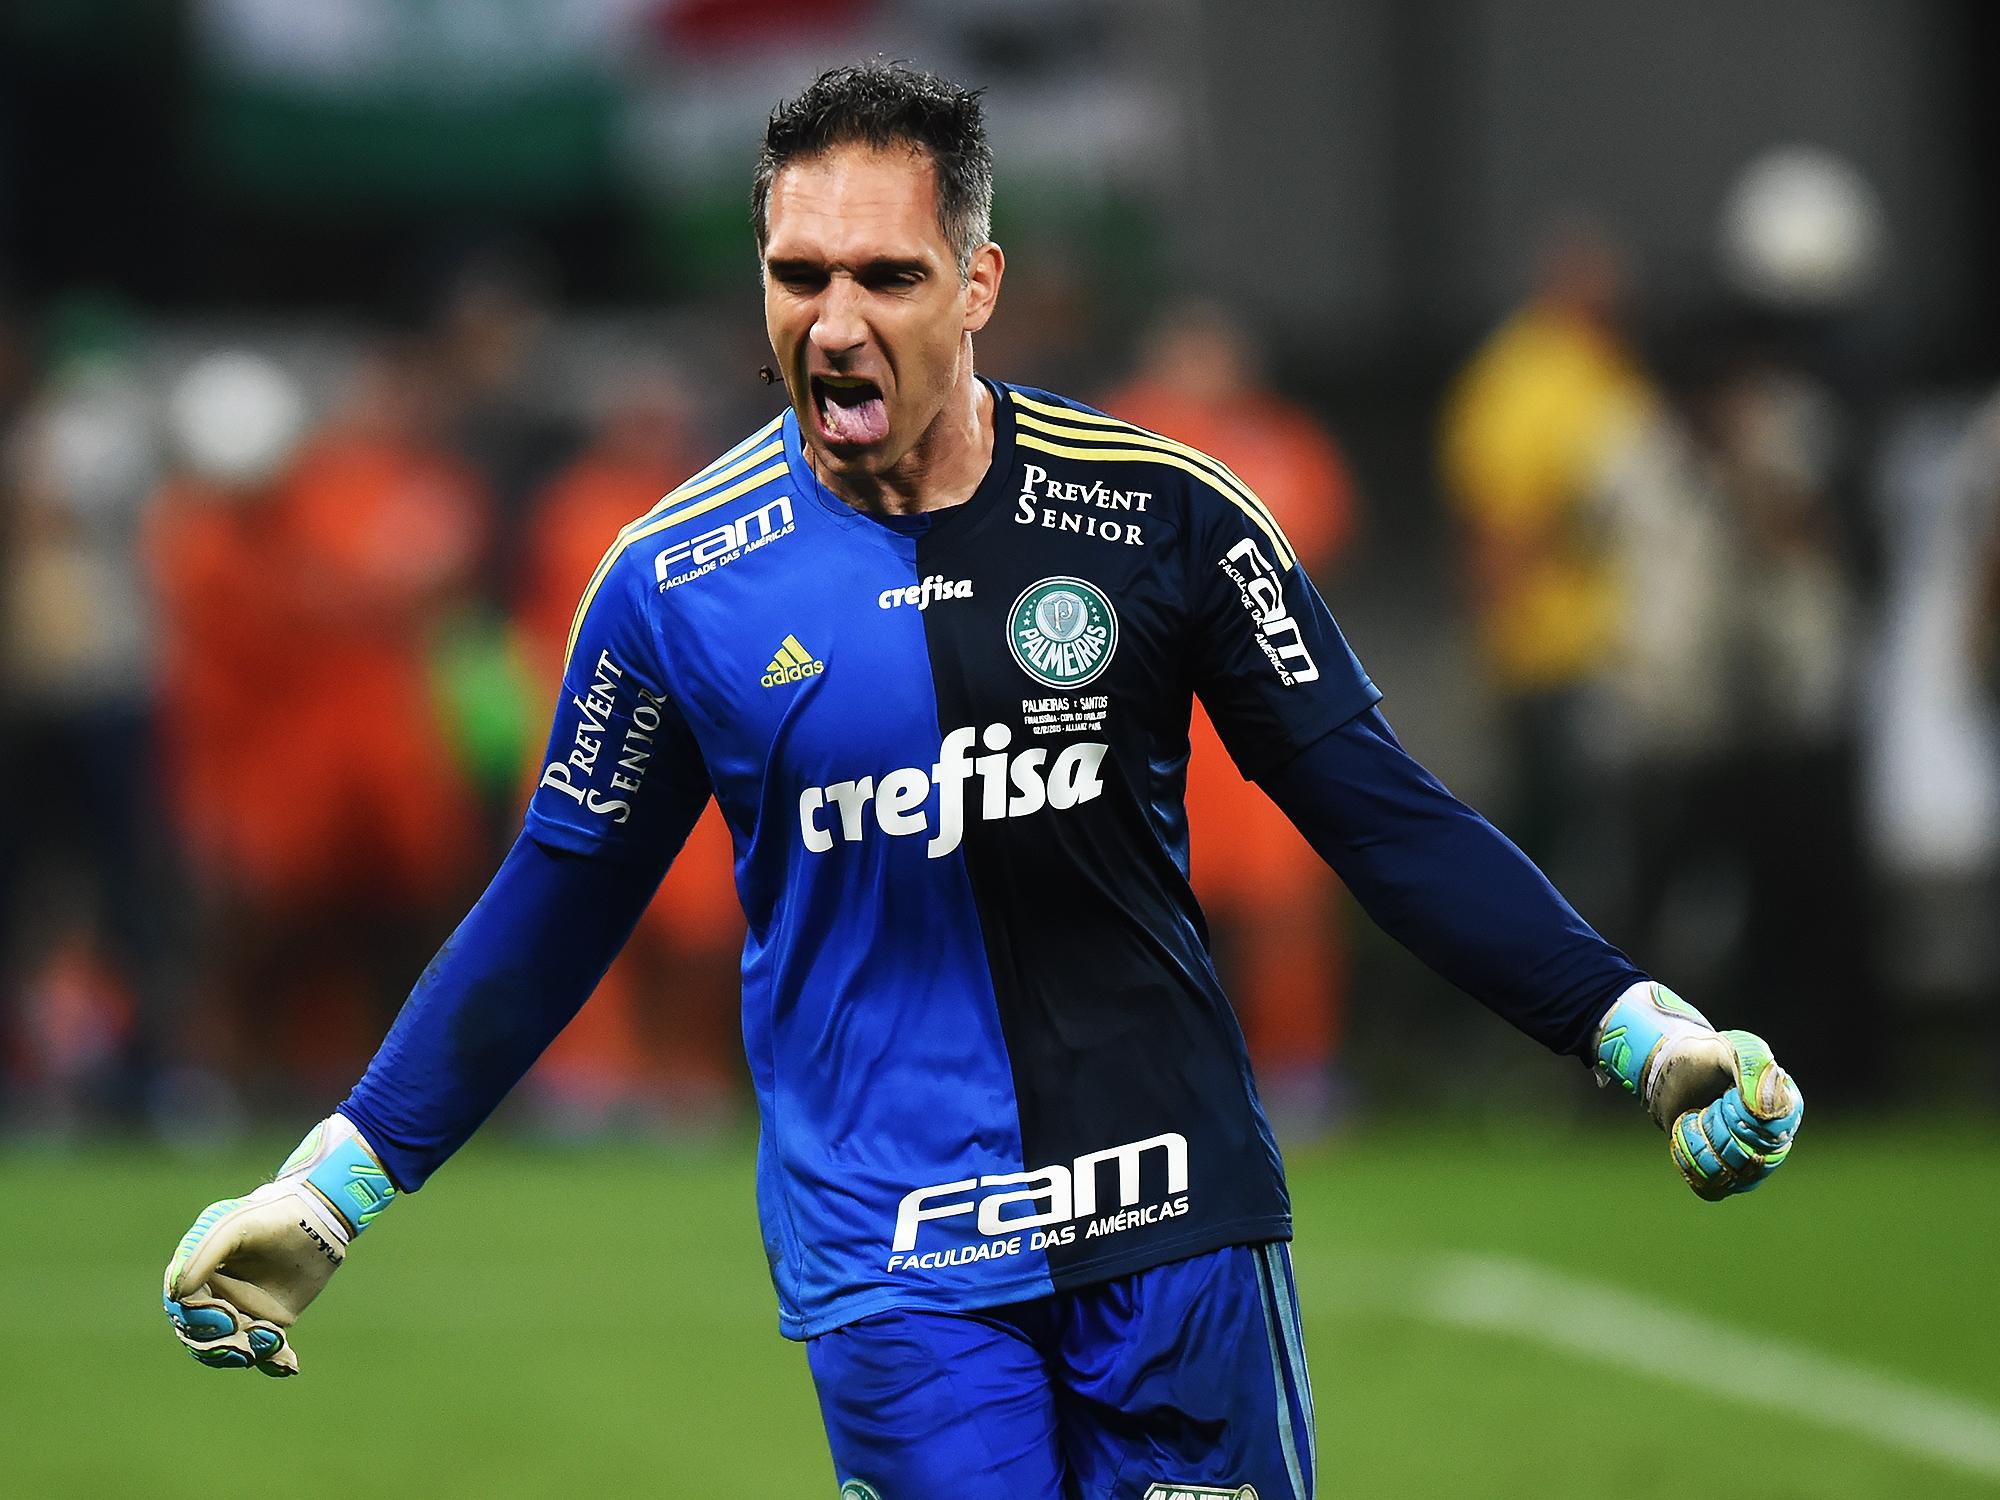 Fernando Prass do Palmeiras comemora a conquista da Copa do Brasil 2015, após vitória na partida final contra o Santos, na Arena Palmeiras, na Pompéia, região oeste de São Paulo, nesta quarta (02)